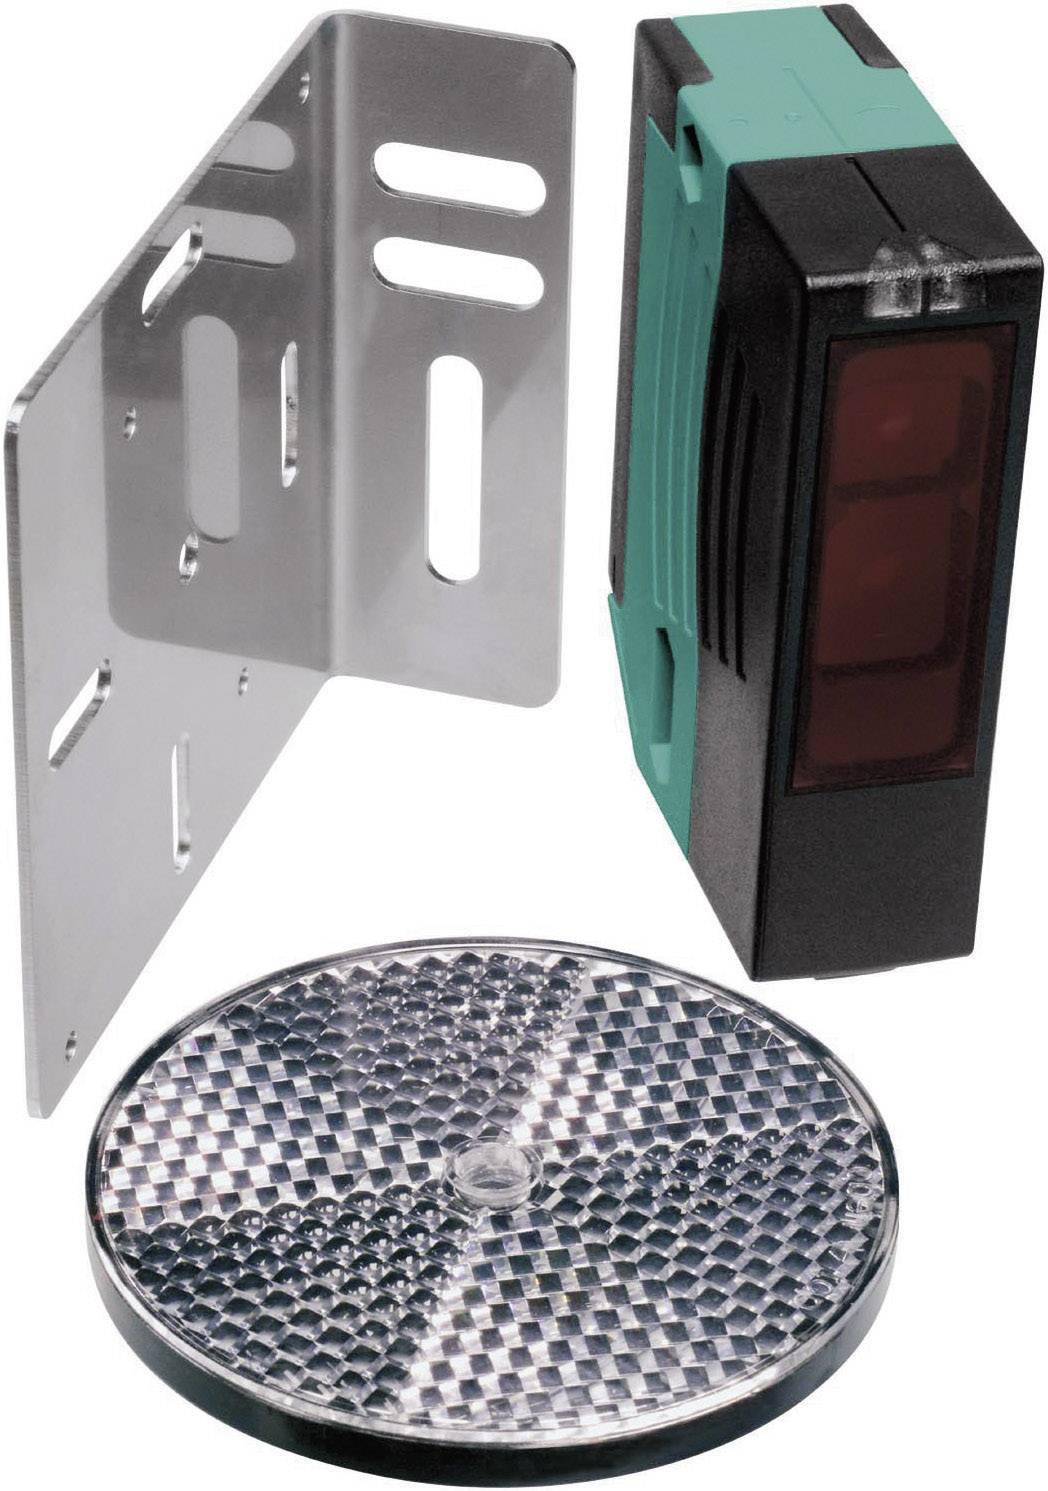 Sada reflexní optické závory Pepperl & Fuchs RLK29-55/25/116-Set, svorkovnice, dosah 0 - 12 m